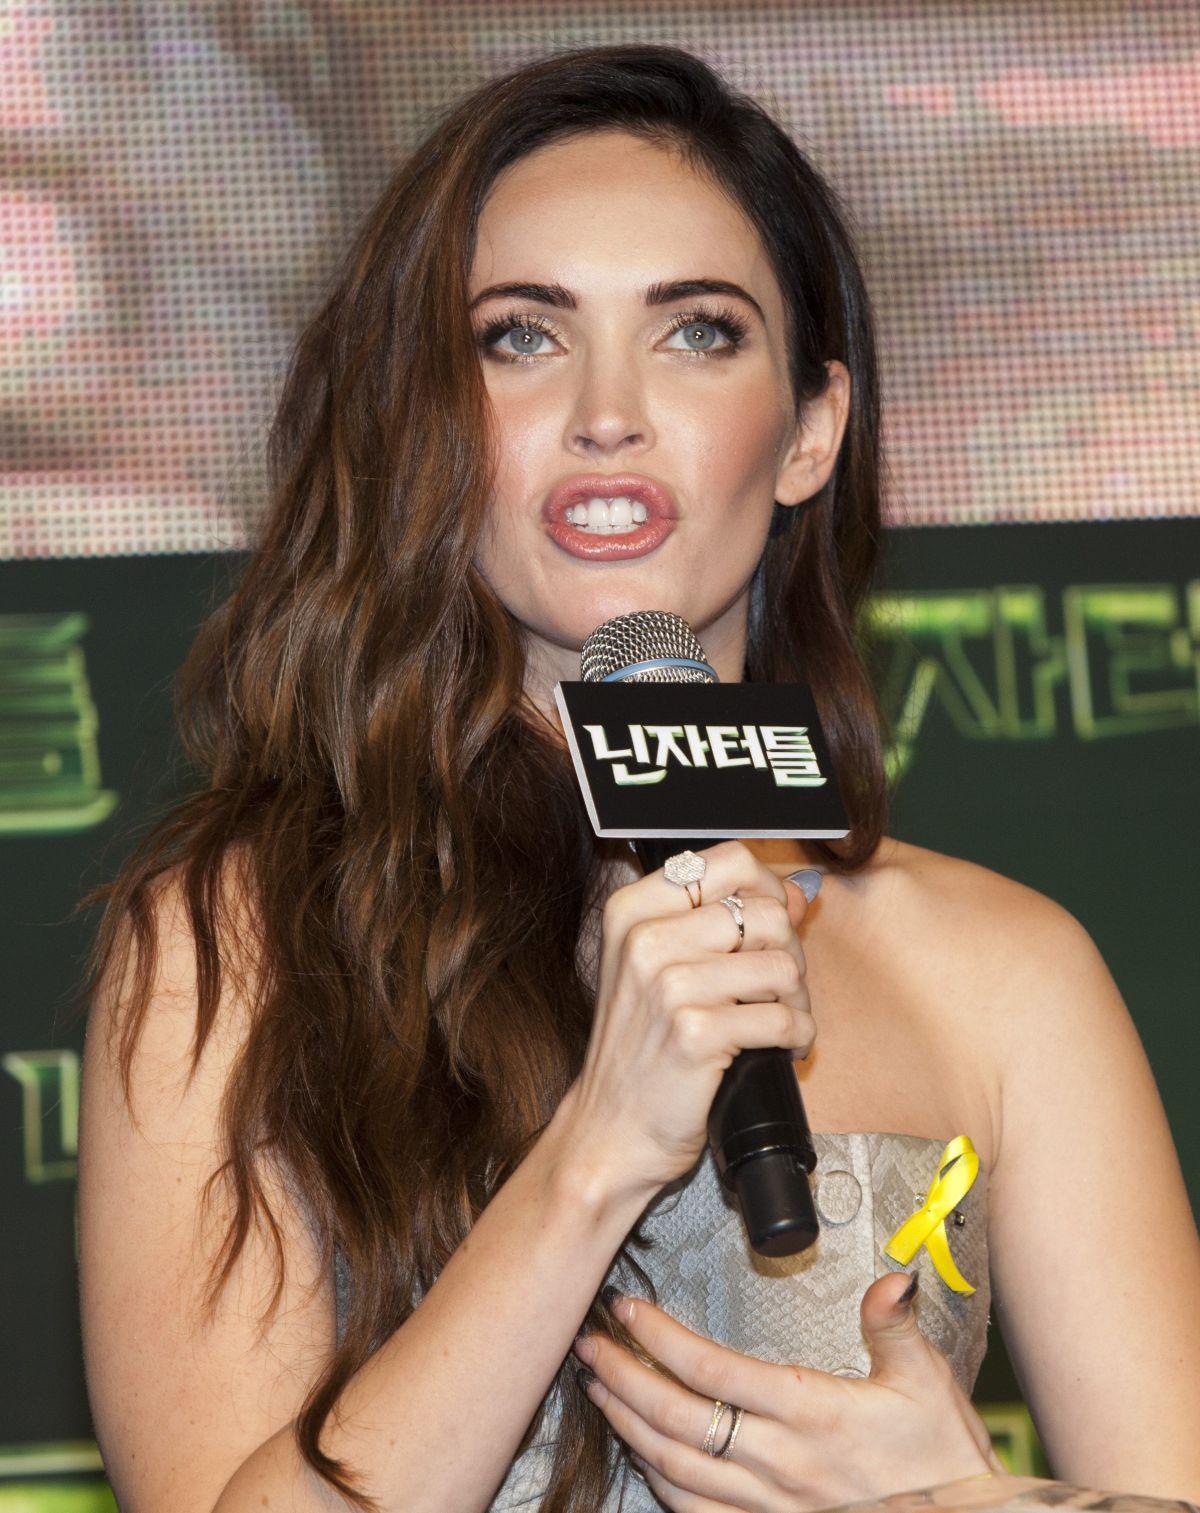 HQ Photos of Megan Fox at Teenage Mutant Ninja Turtles Seoul Premiere